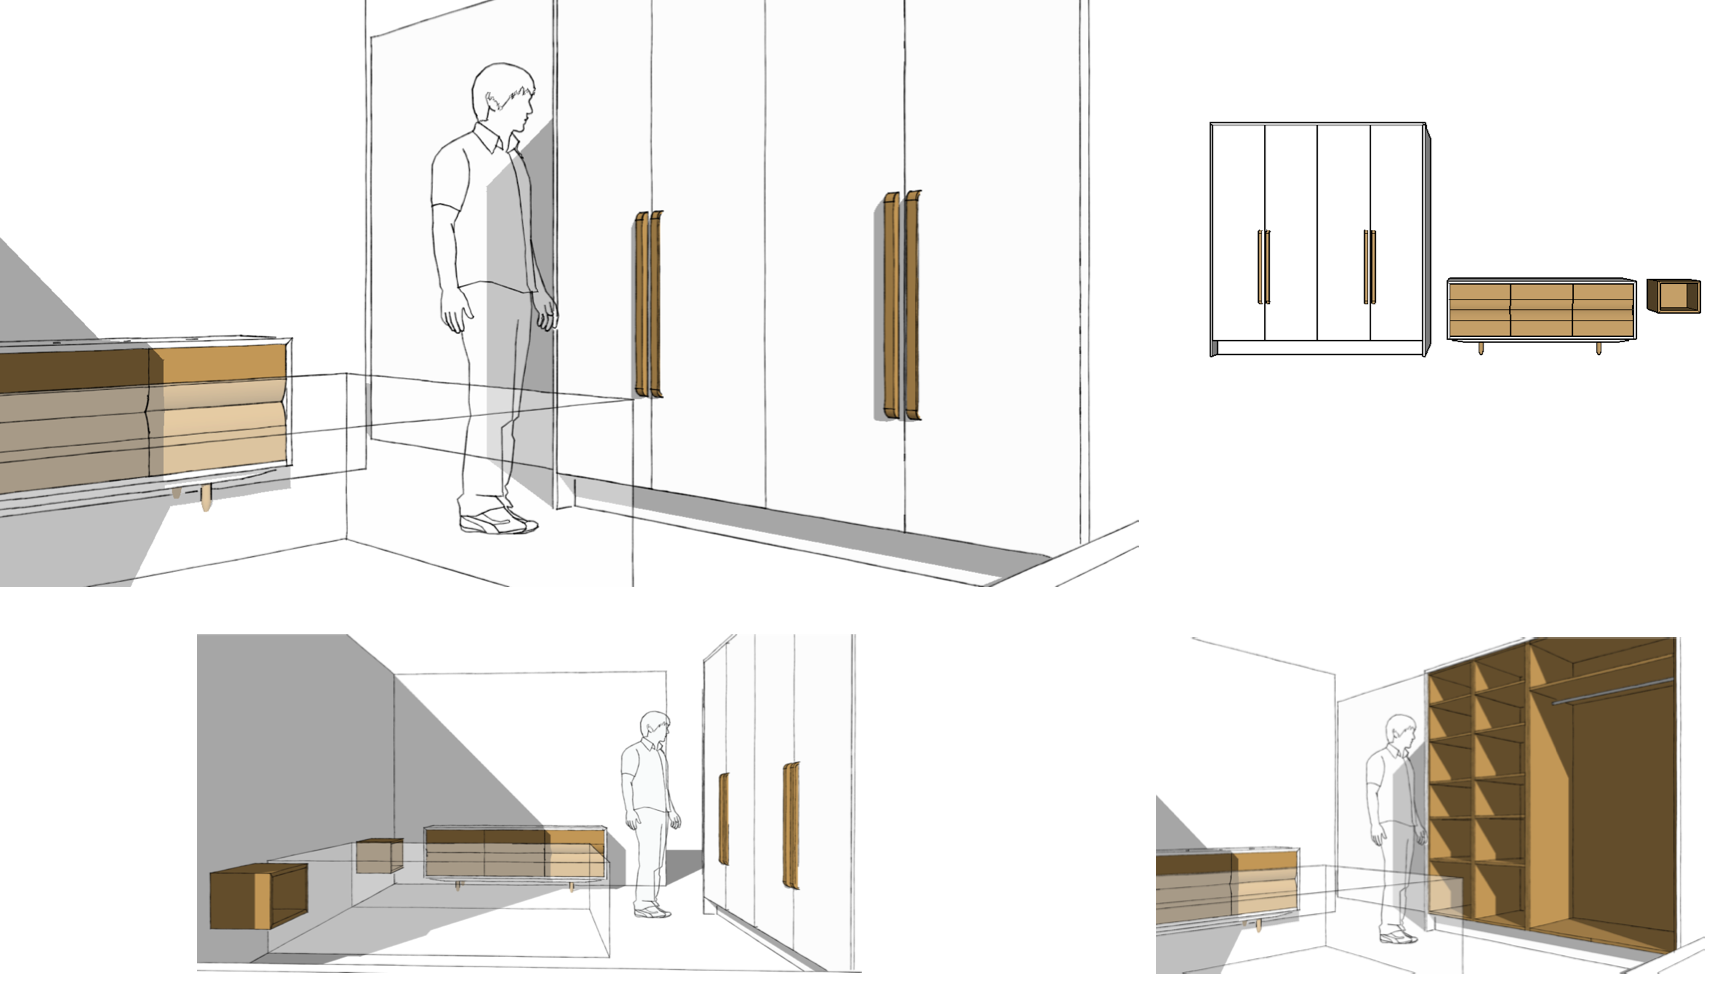 Square-one-design-bedroom-furniture.png